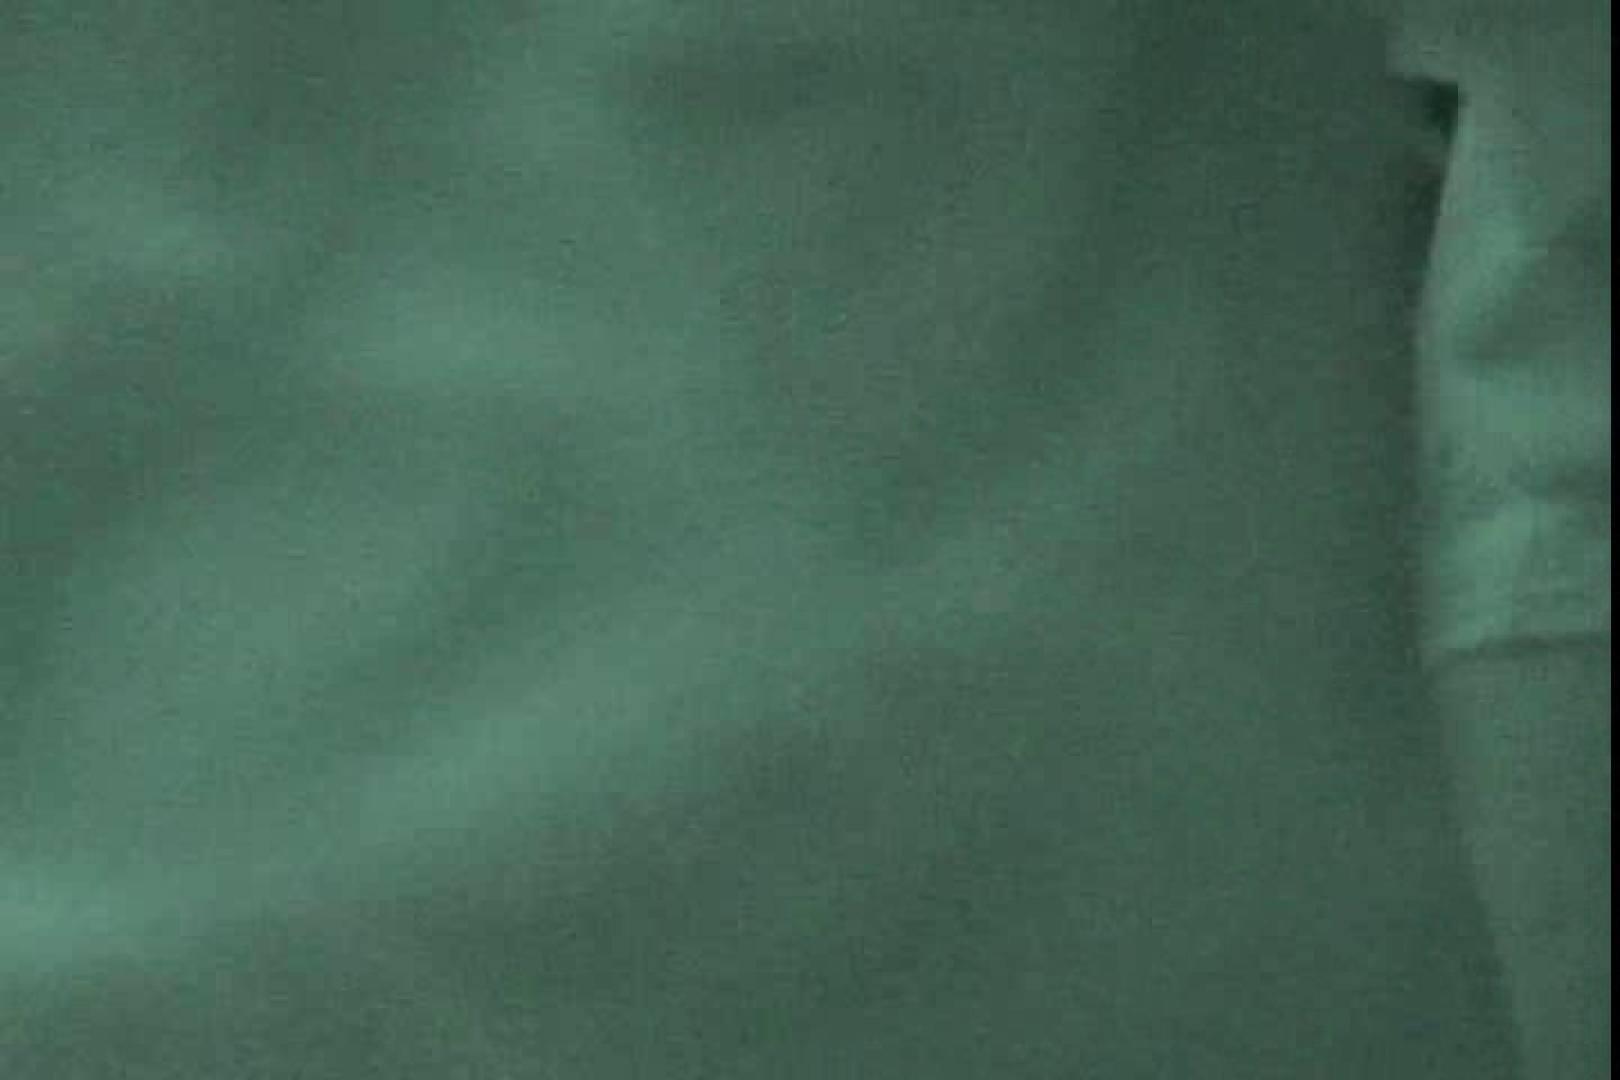 赤外線ムレスケバレー(汗) vol.02 赤外線 | HなOL  53pic 24